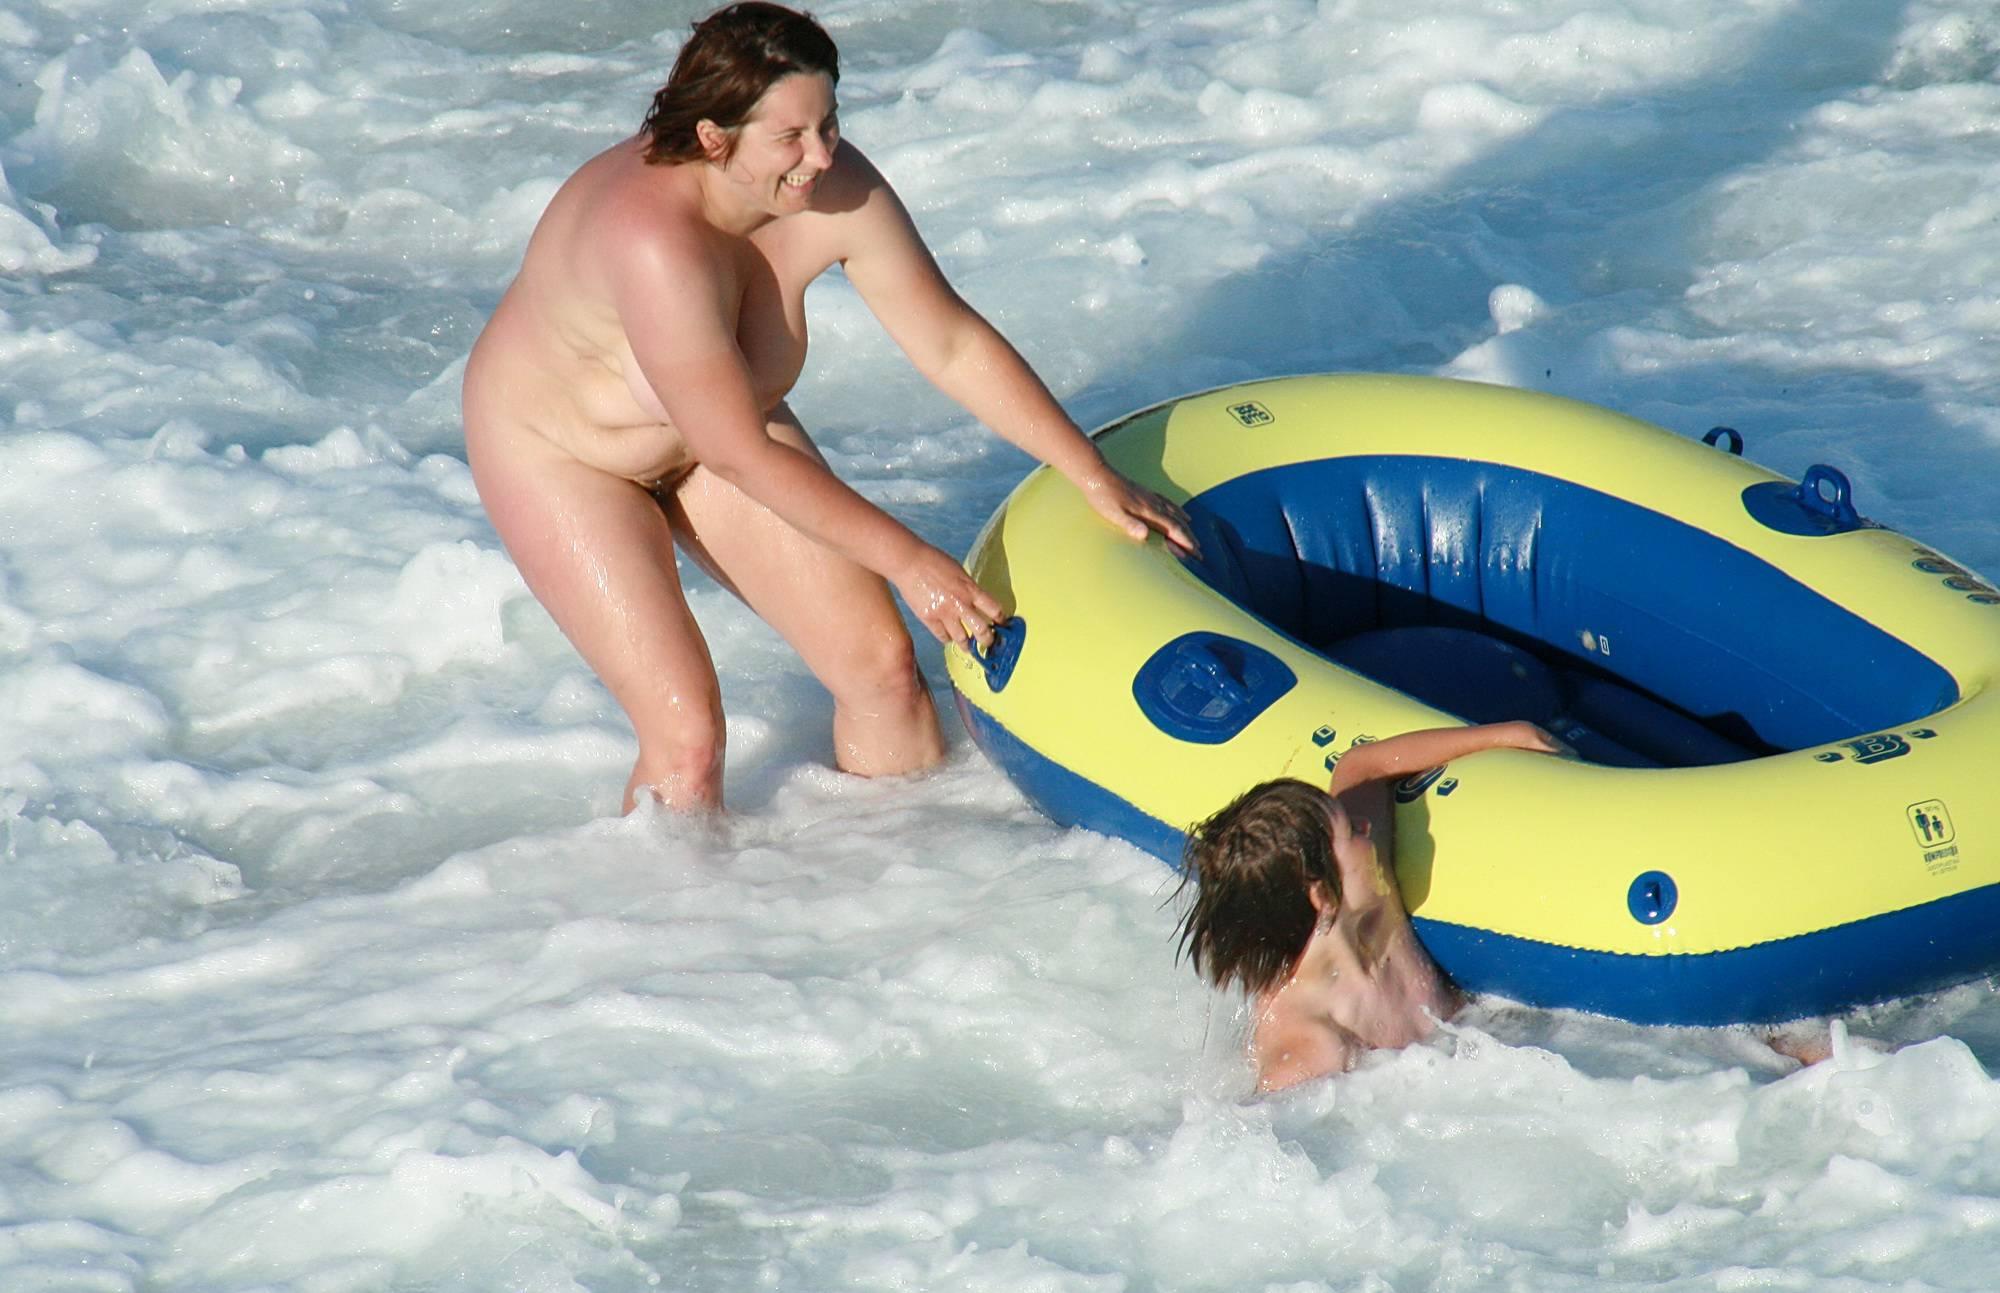 Sunny Ocean Raft Riding - 2